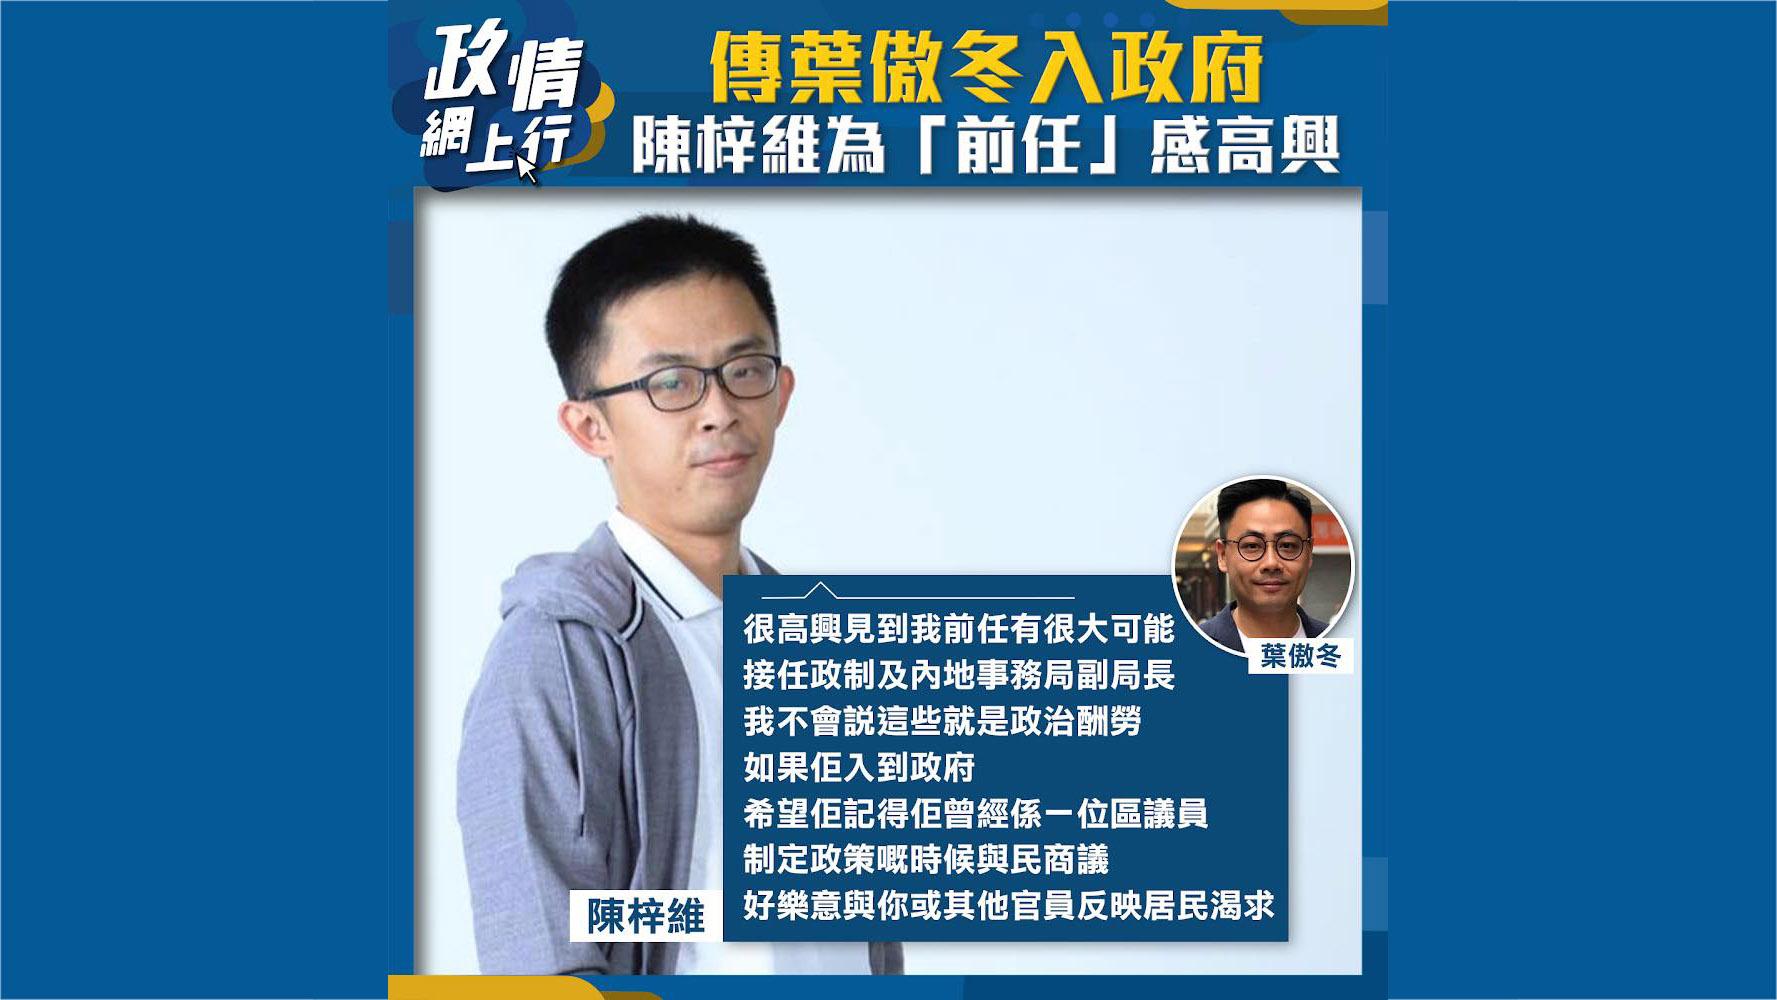 【政情網上行】傳葉傲冬入政府 陳梓維為「前任」感高興